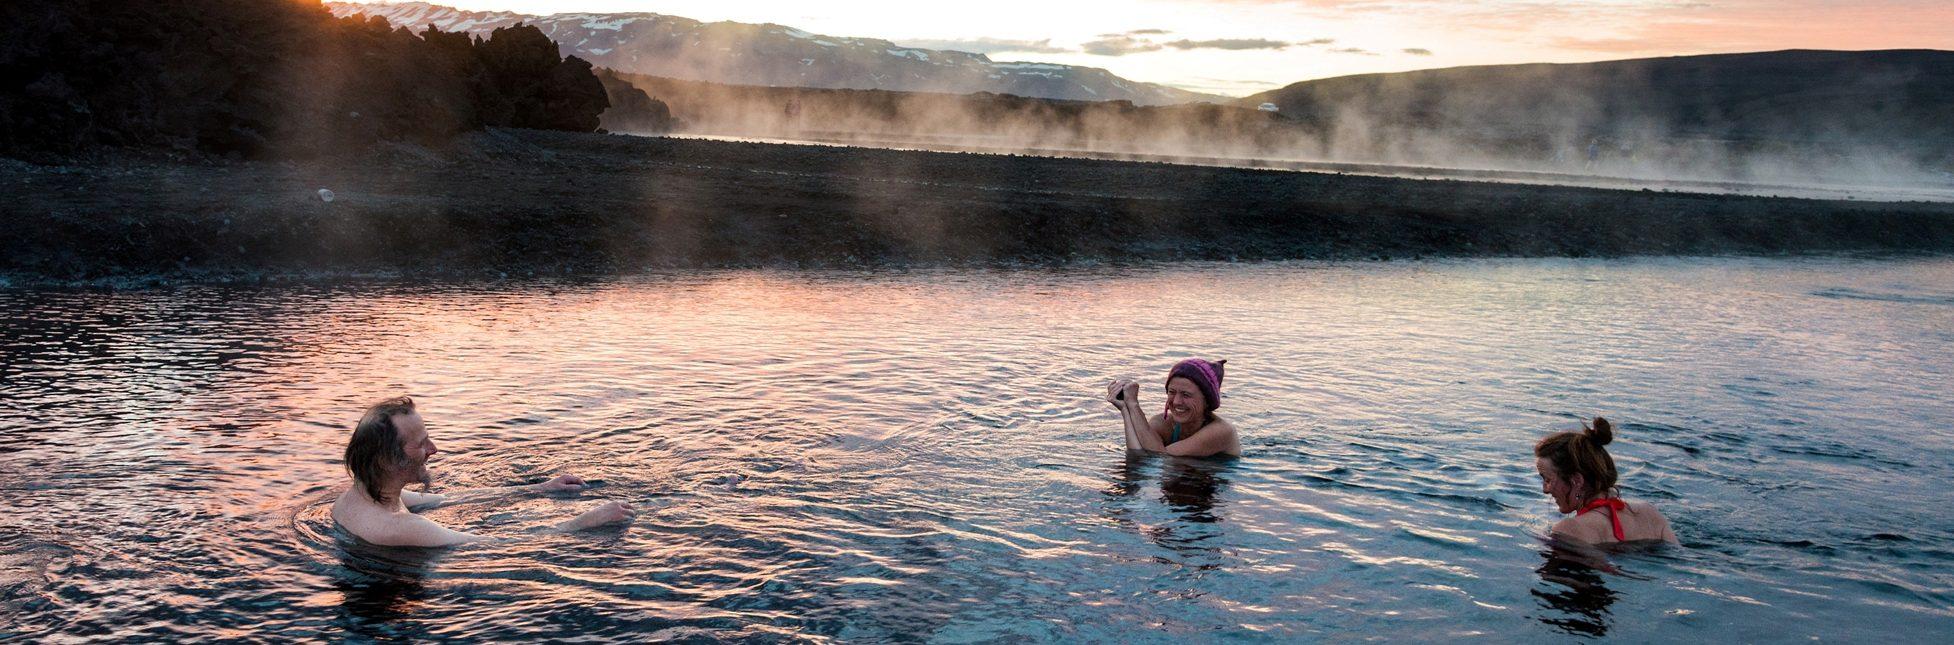 Lustige Menschen baden im Bach